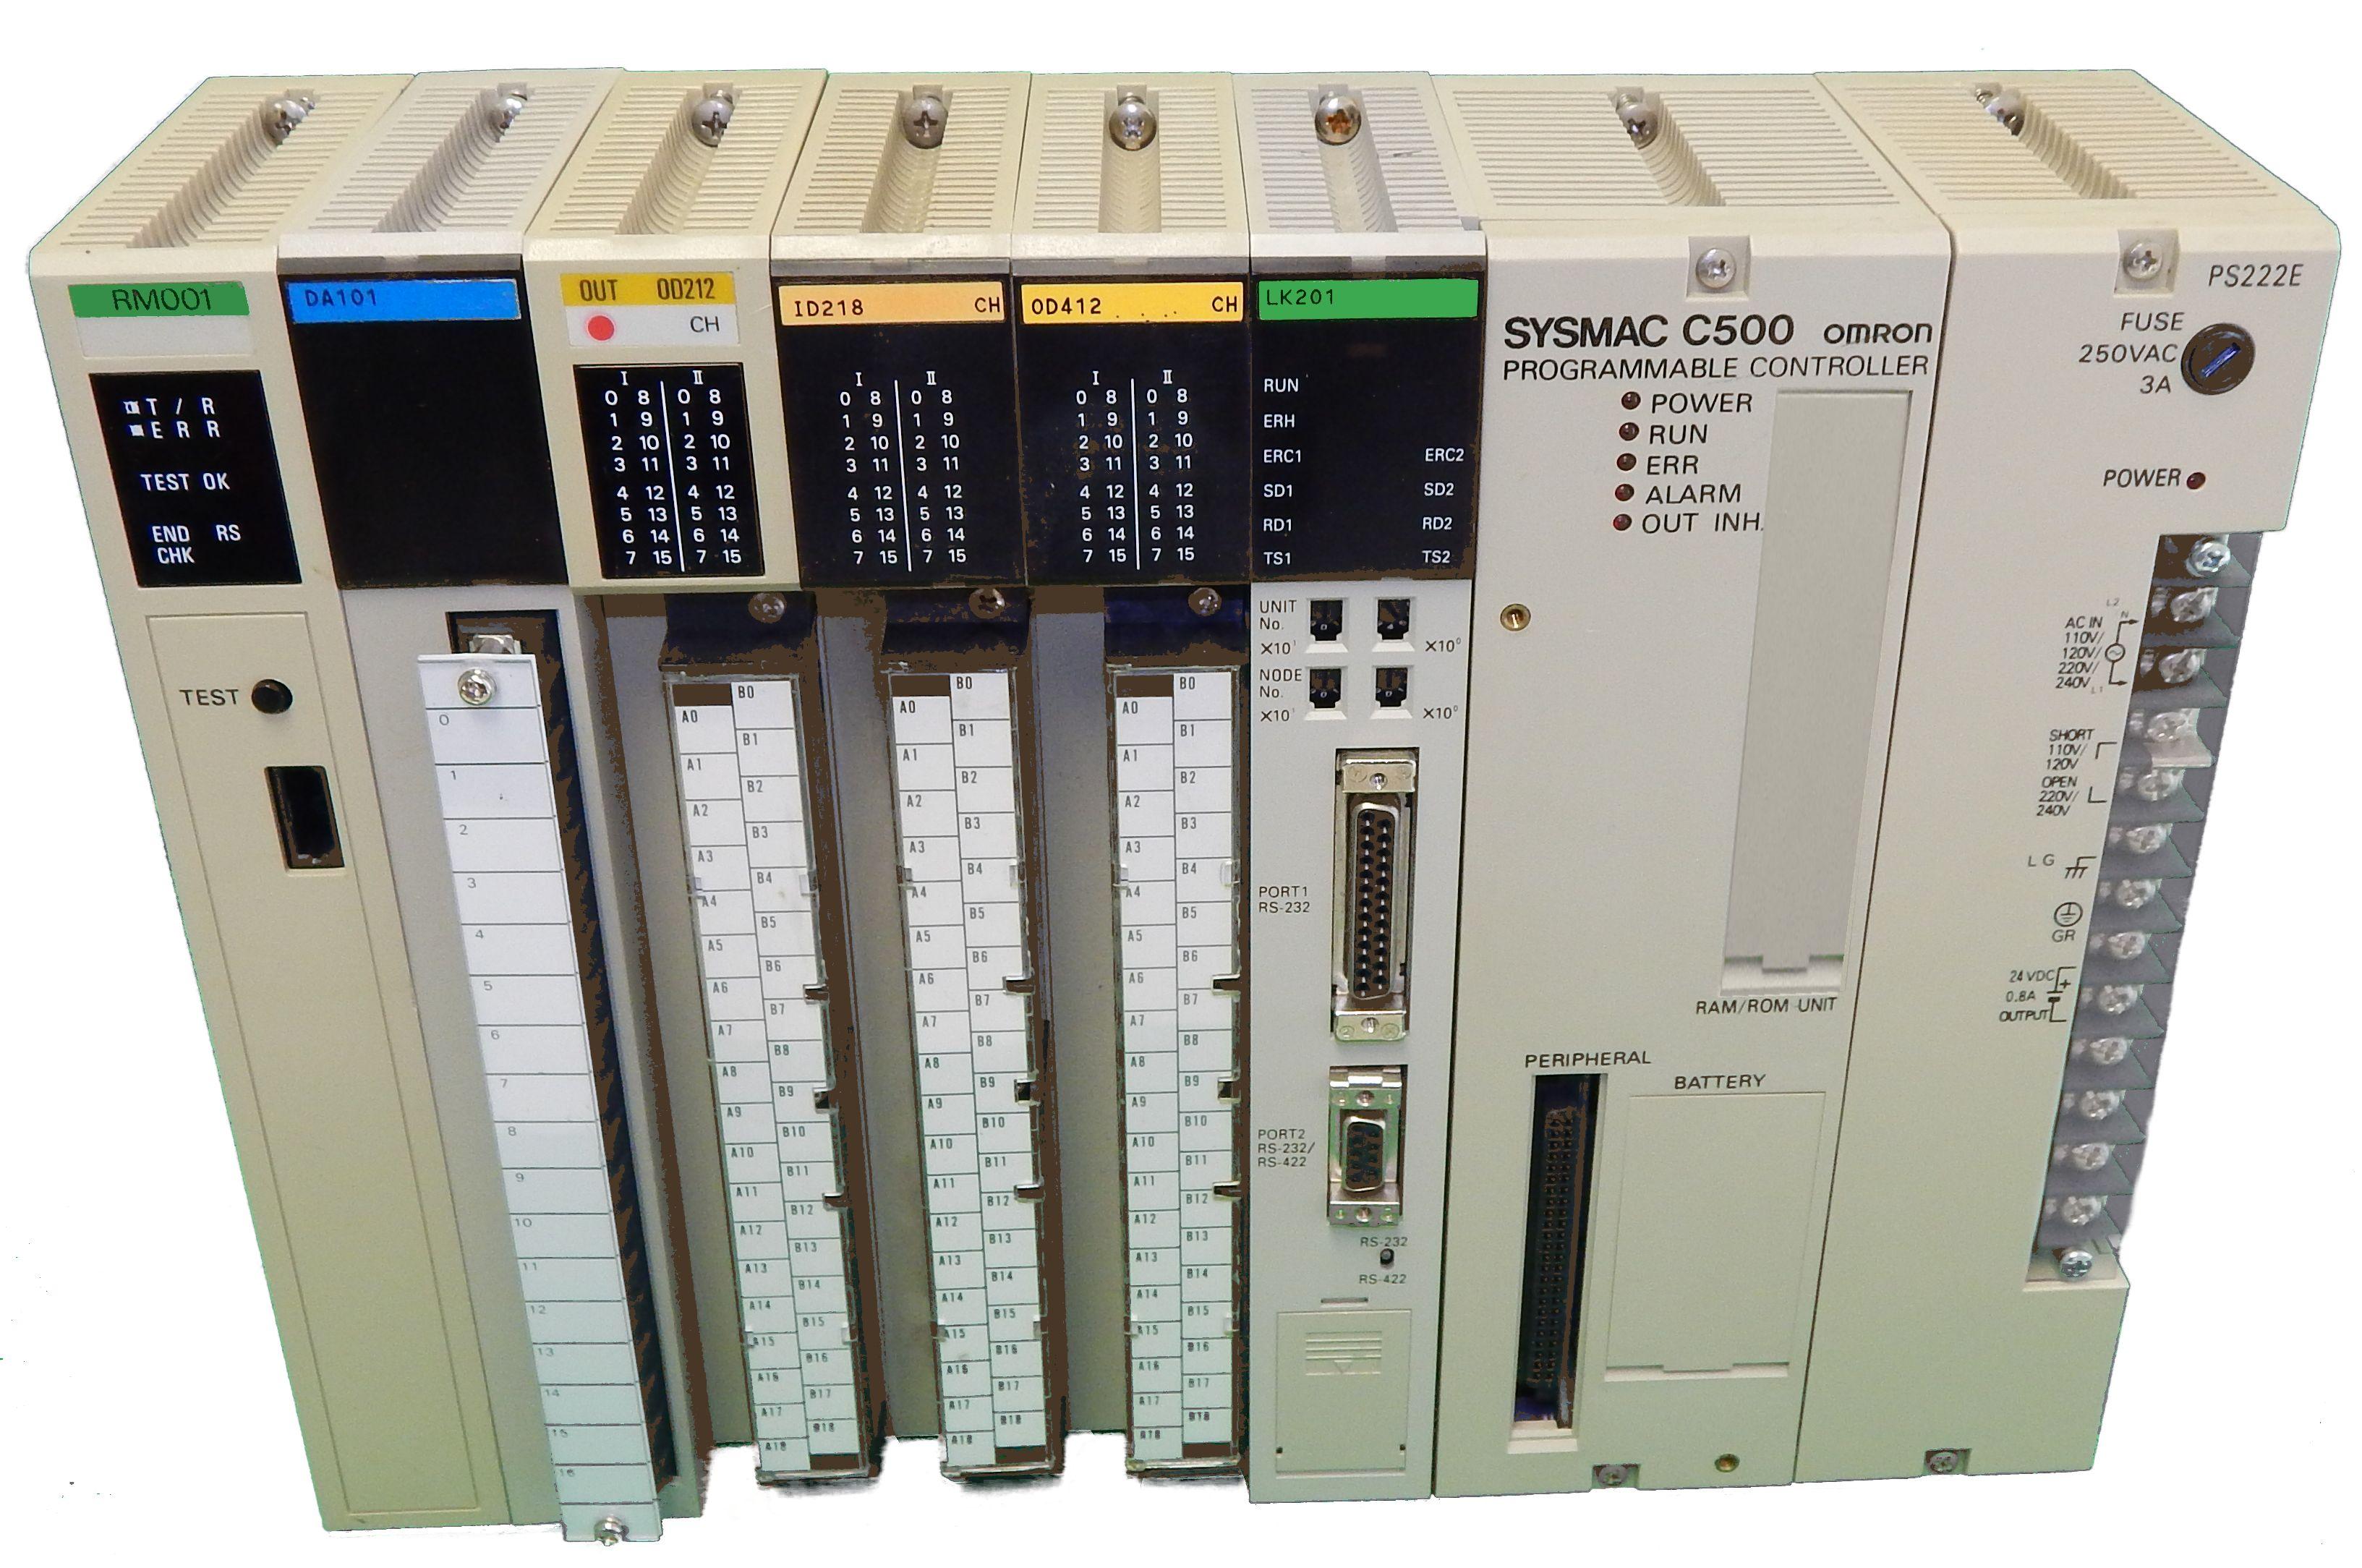 3G2C5-MP341-V1